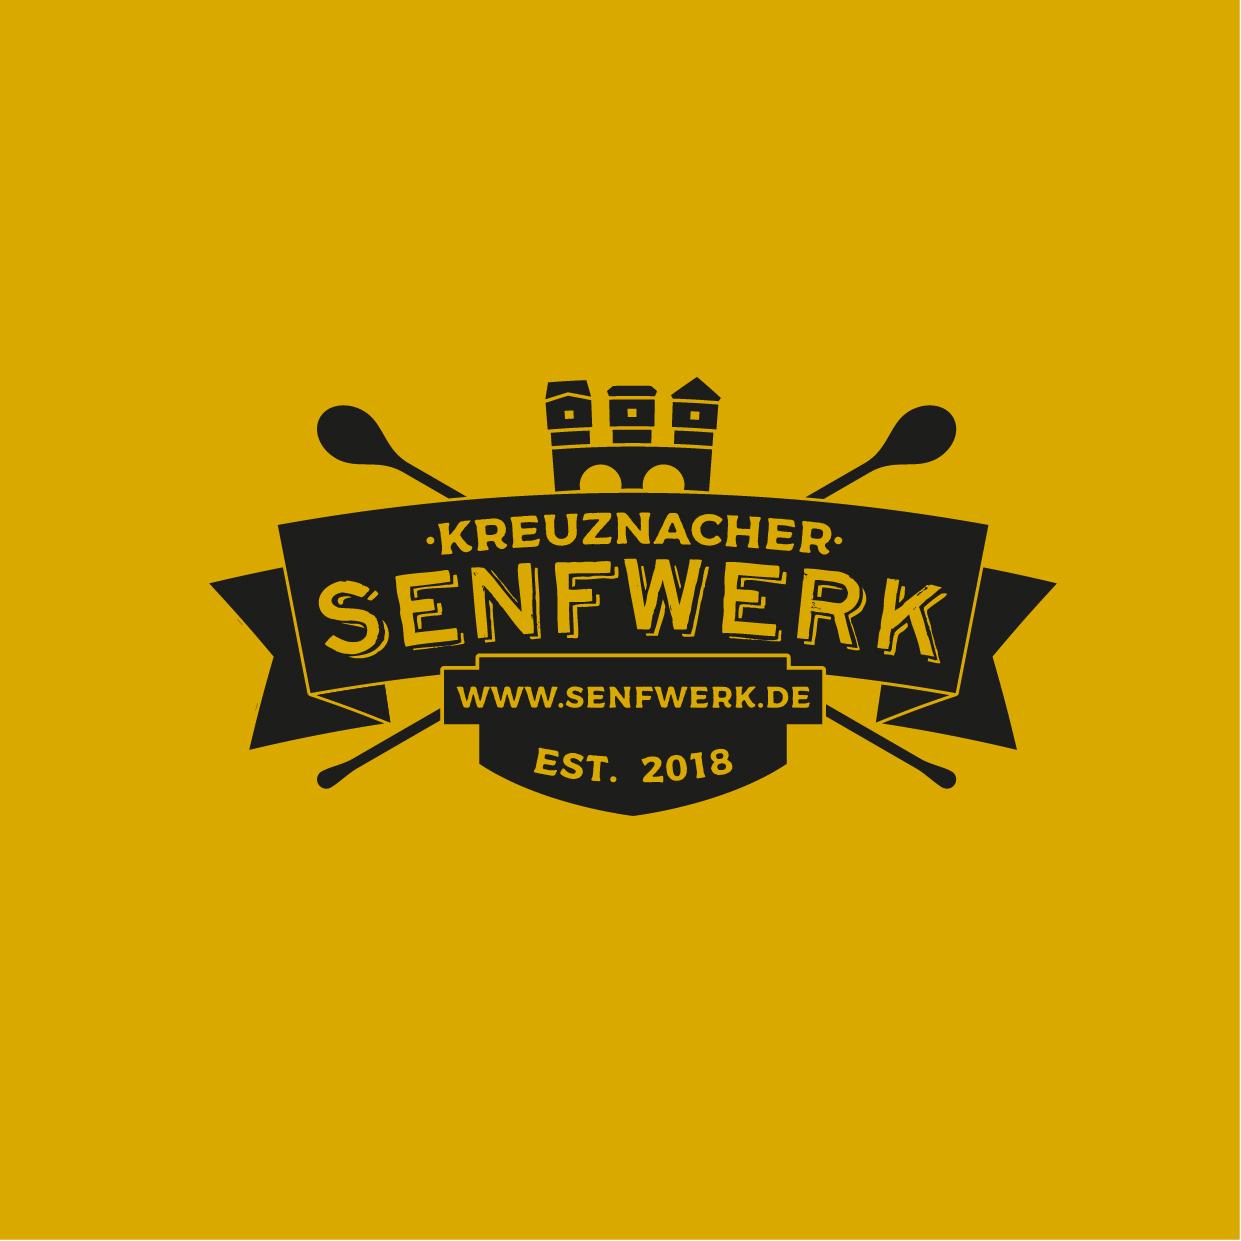 Logo_Senfwerk_Zeichenfläche 1_Zeichenfläche 1.jpg